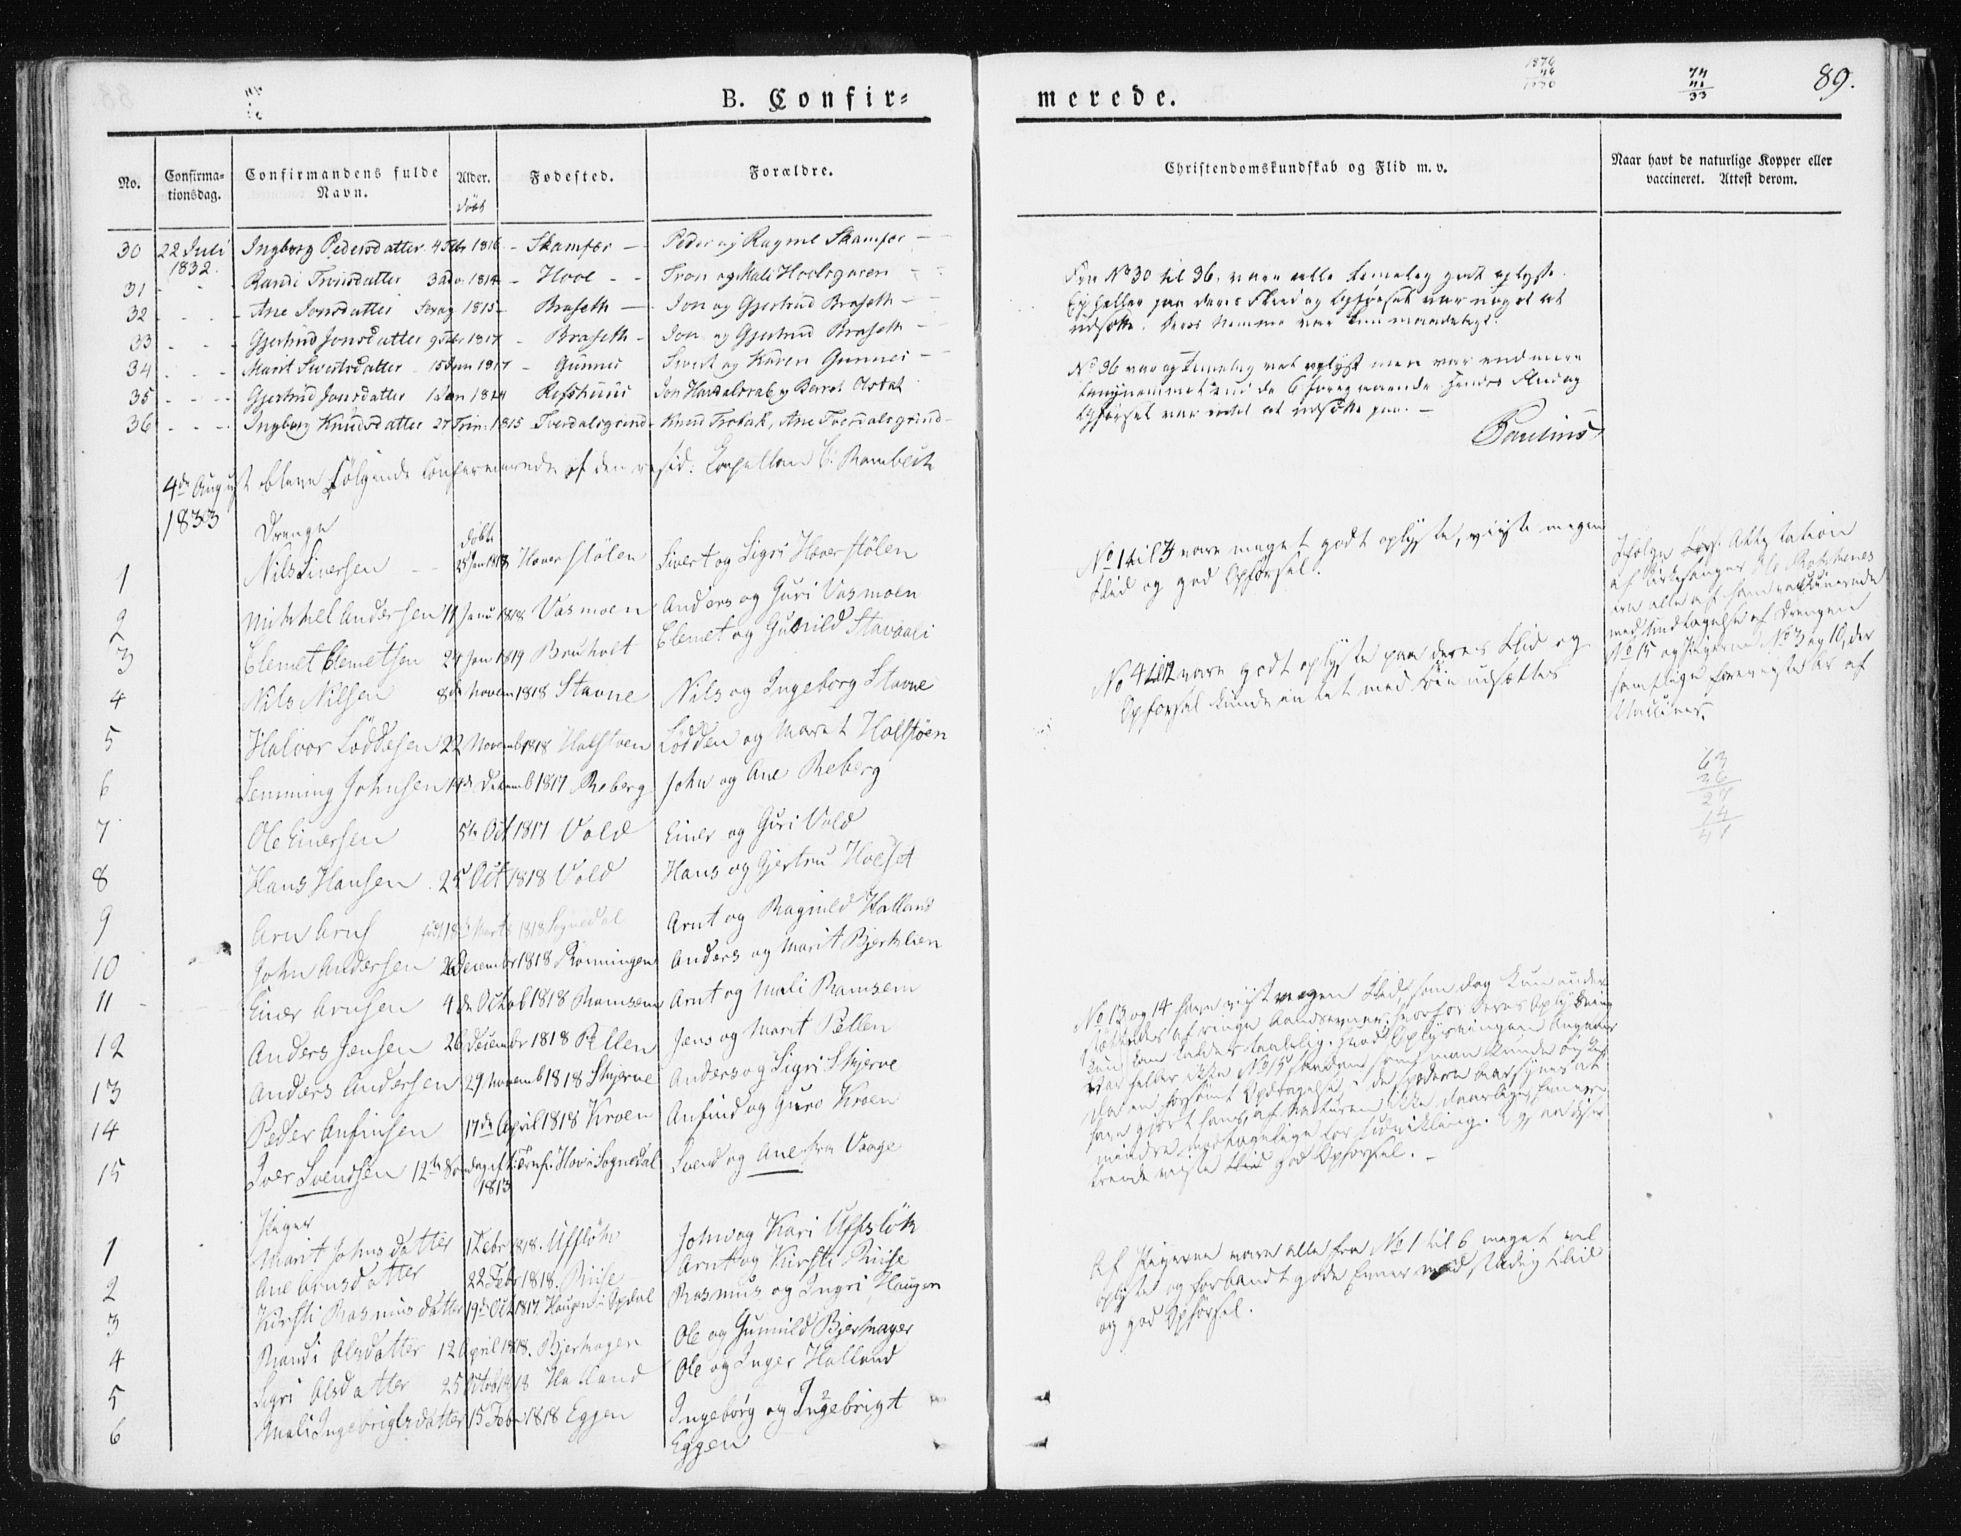 SAT, Ministerialprotokoller, klokkerbøker og fødselsregistre - Sør-Trøndelag, 674/L0869: Ministerialbok nr. 674A01, 1829-1860, s. 89